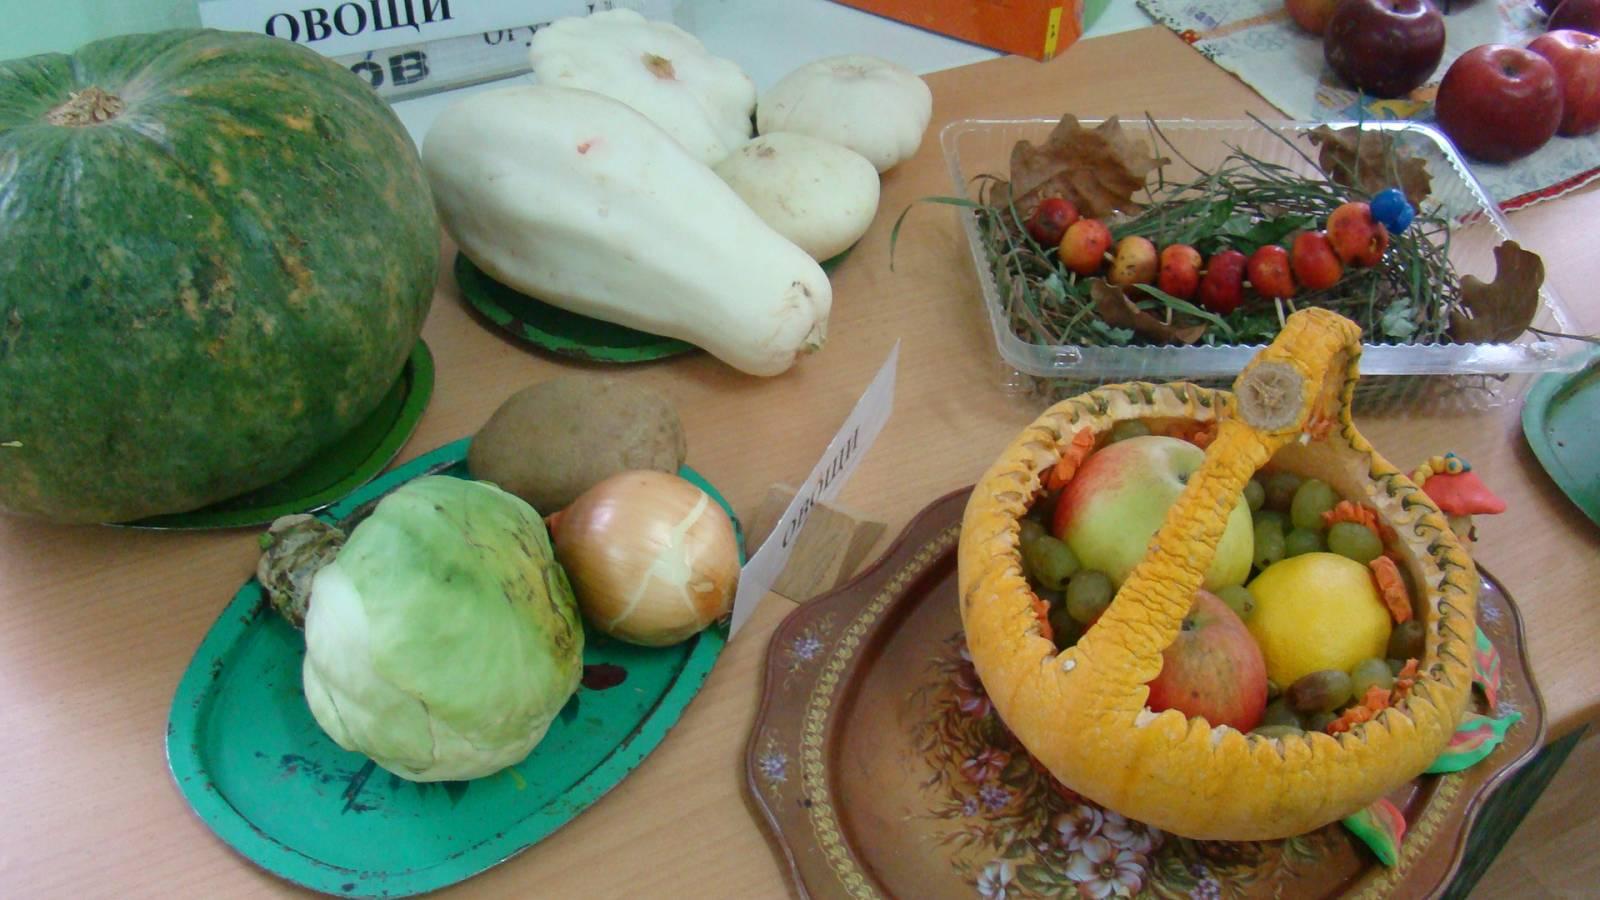 Поделки к осени своими руками из овощей или фруктов